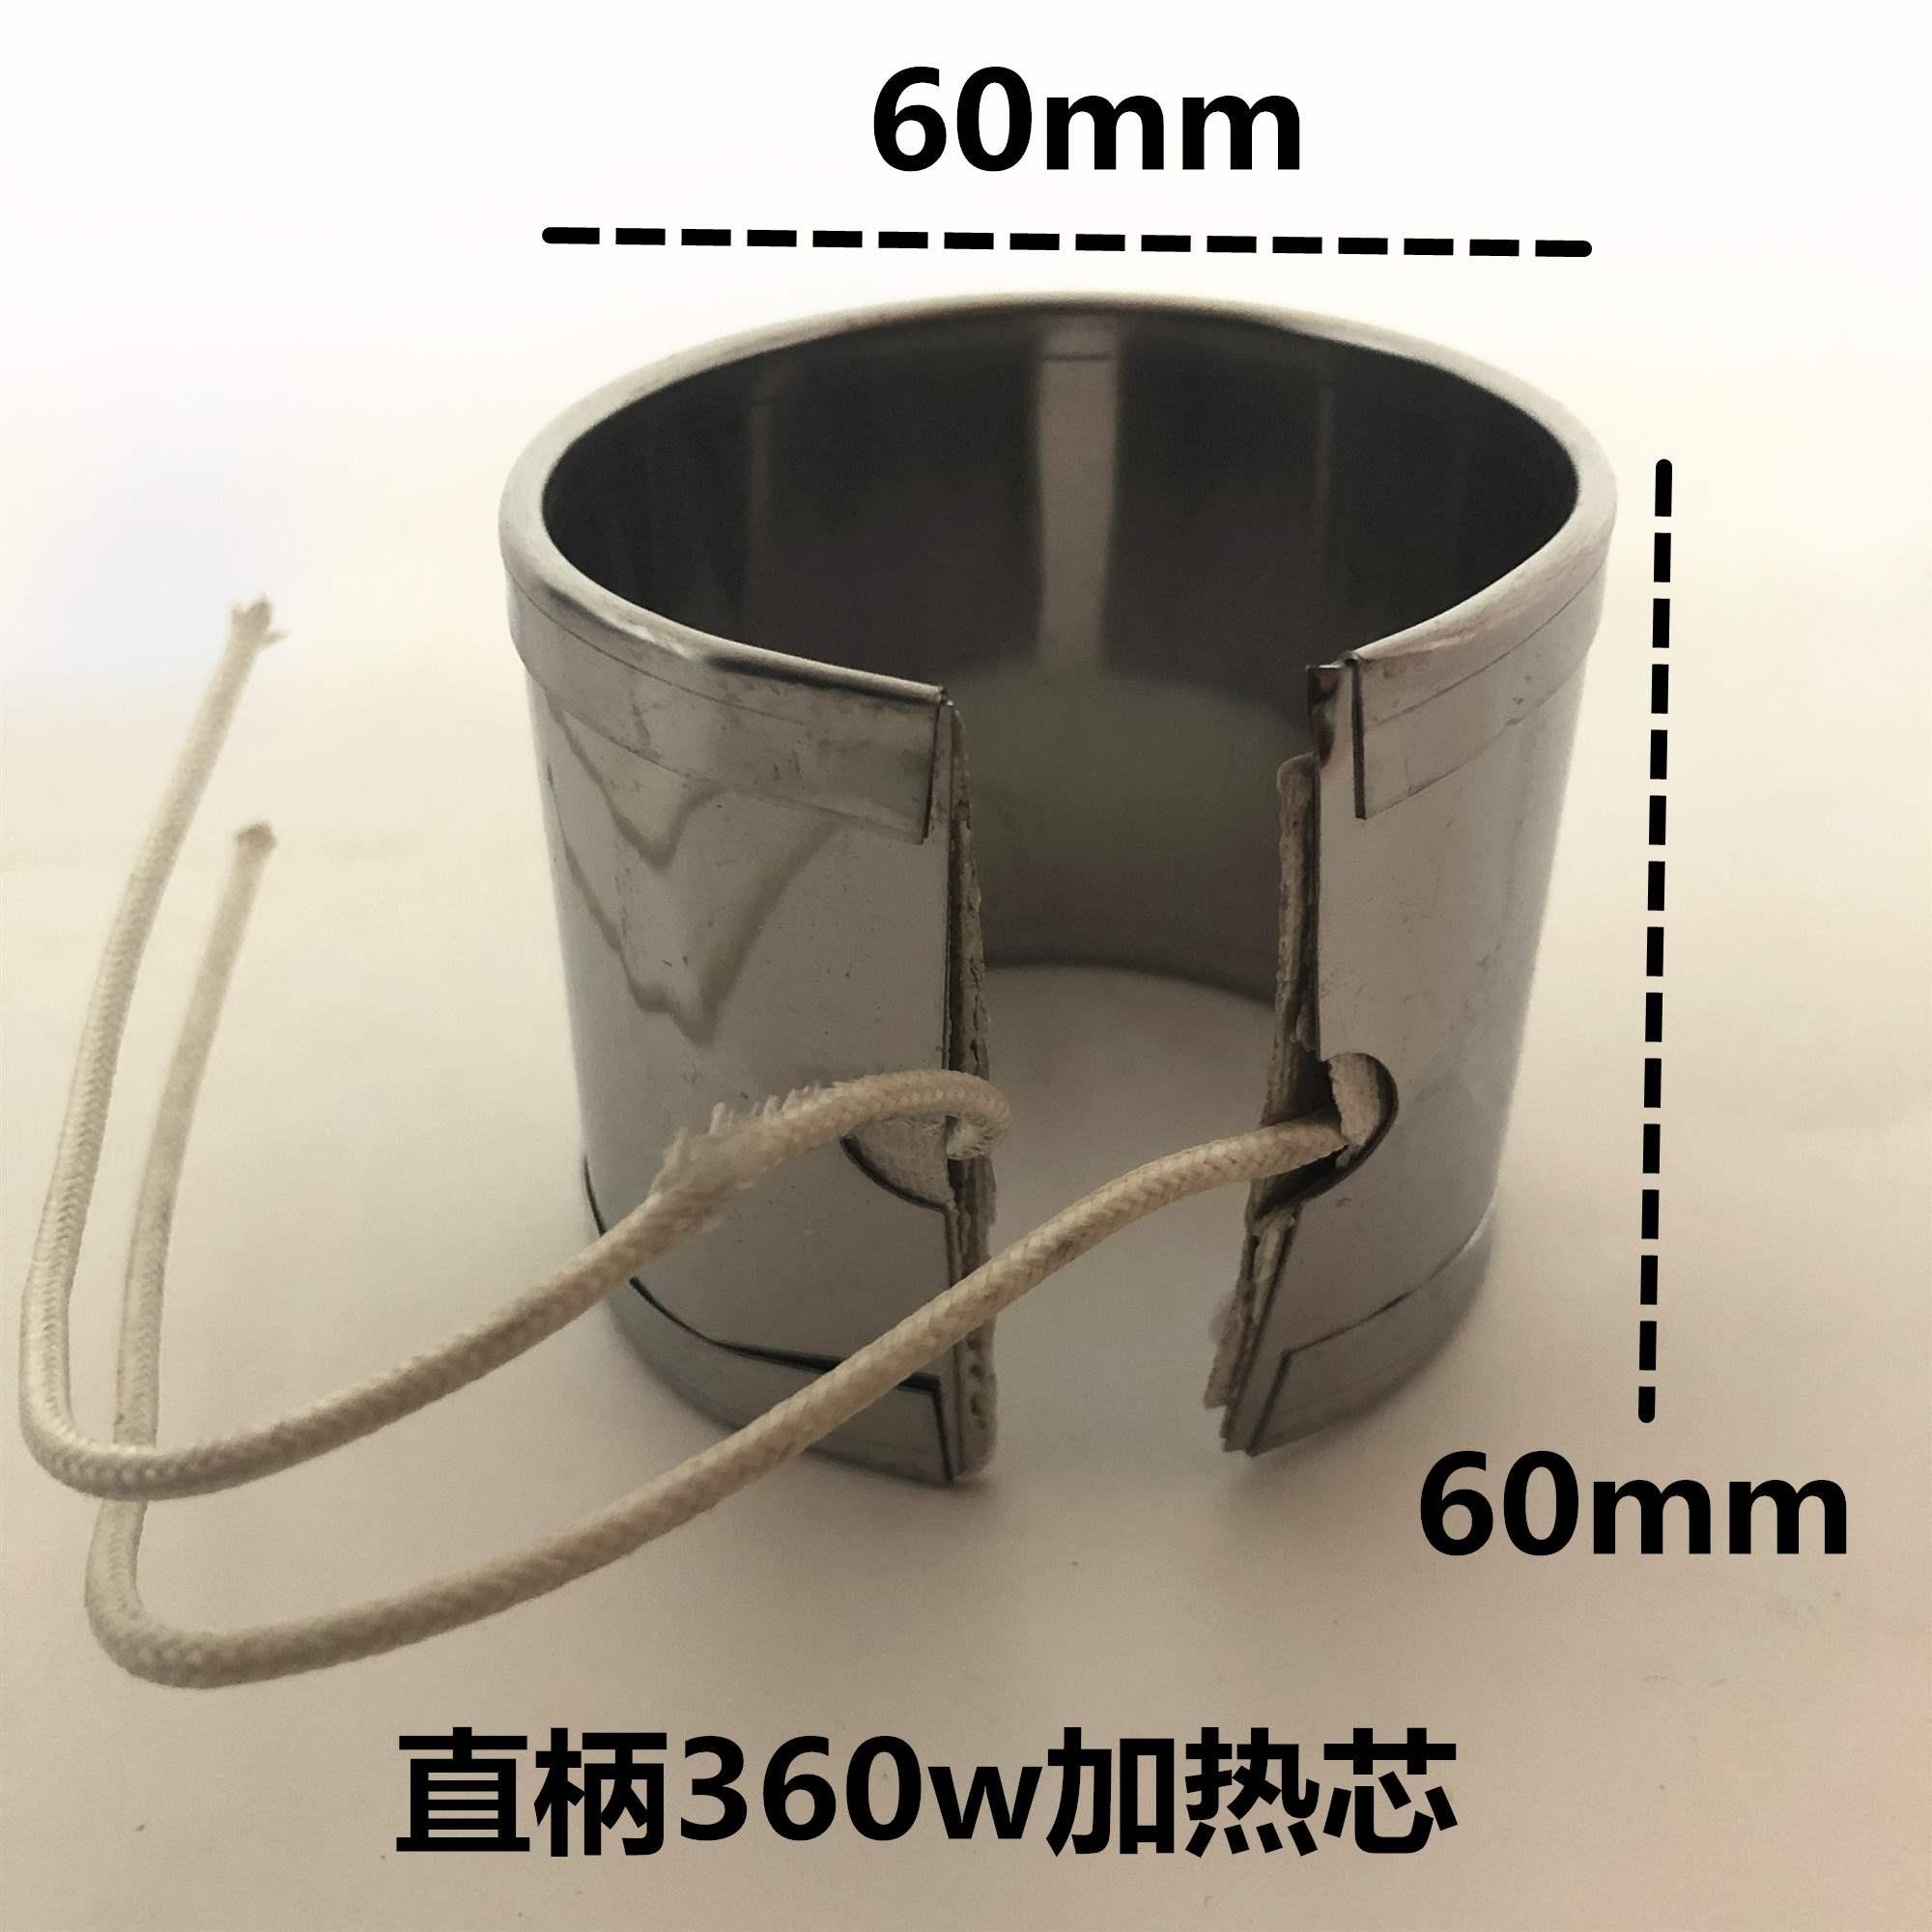 260小型焊锡条手提式调温焊锡锅台式无铅锡炉w500w熔锡锅熔锡炉